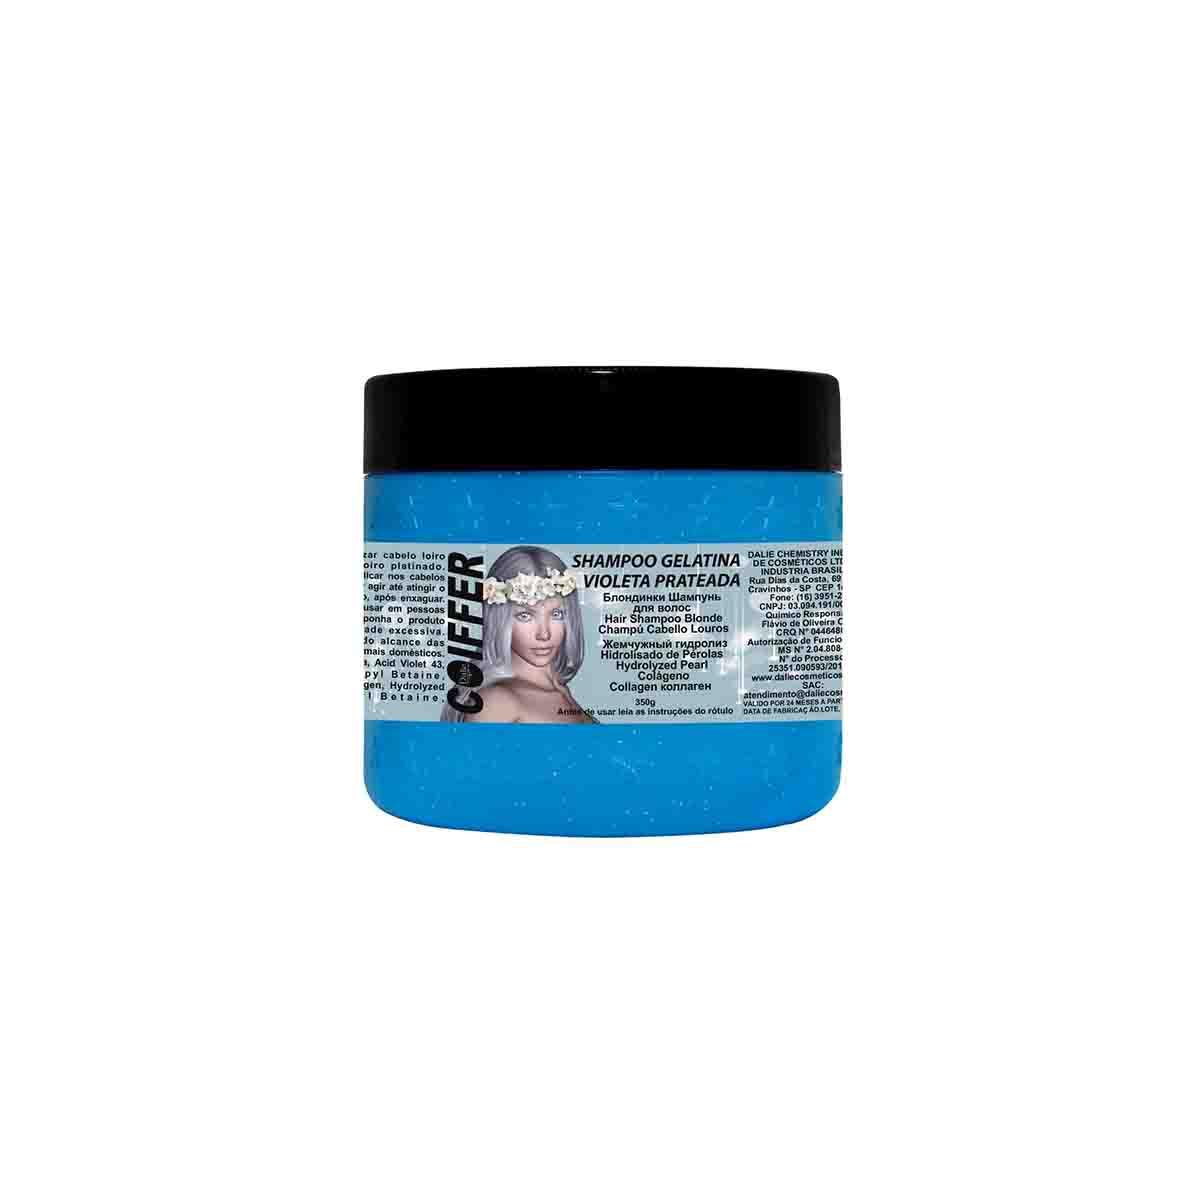 Shampoo para Cabelos Matizador  Gelatina Violeta Prateado Coiffer 350g